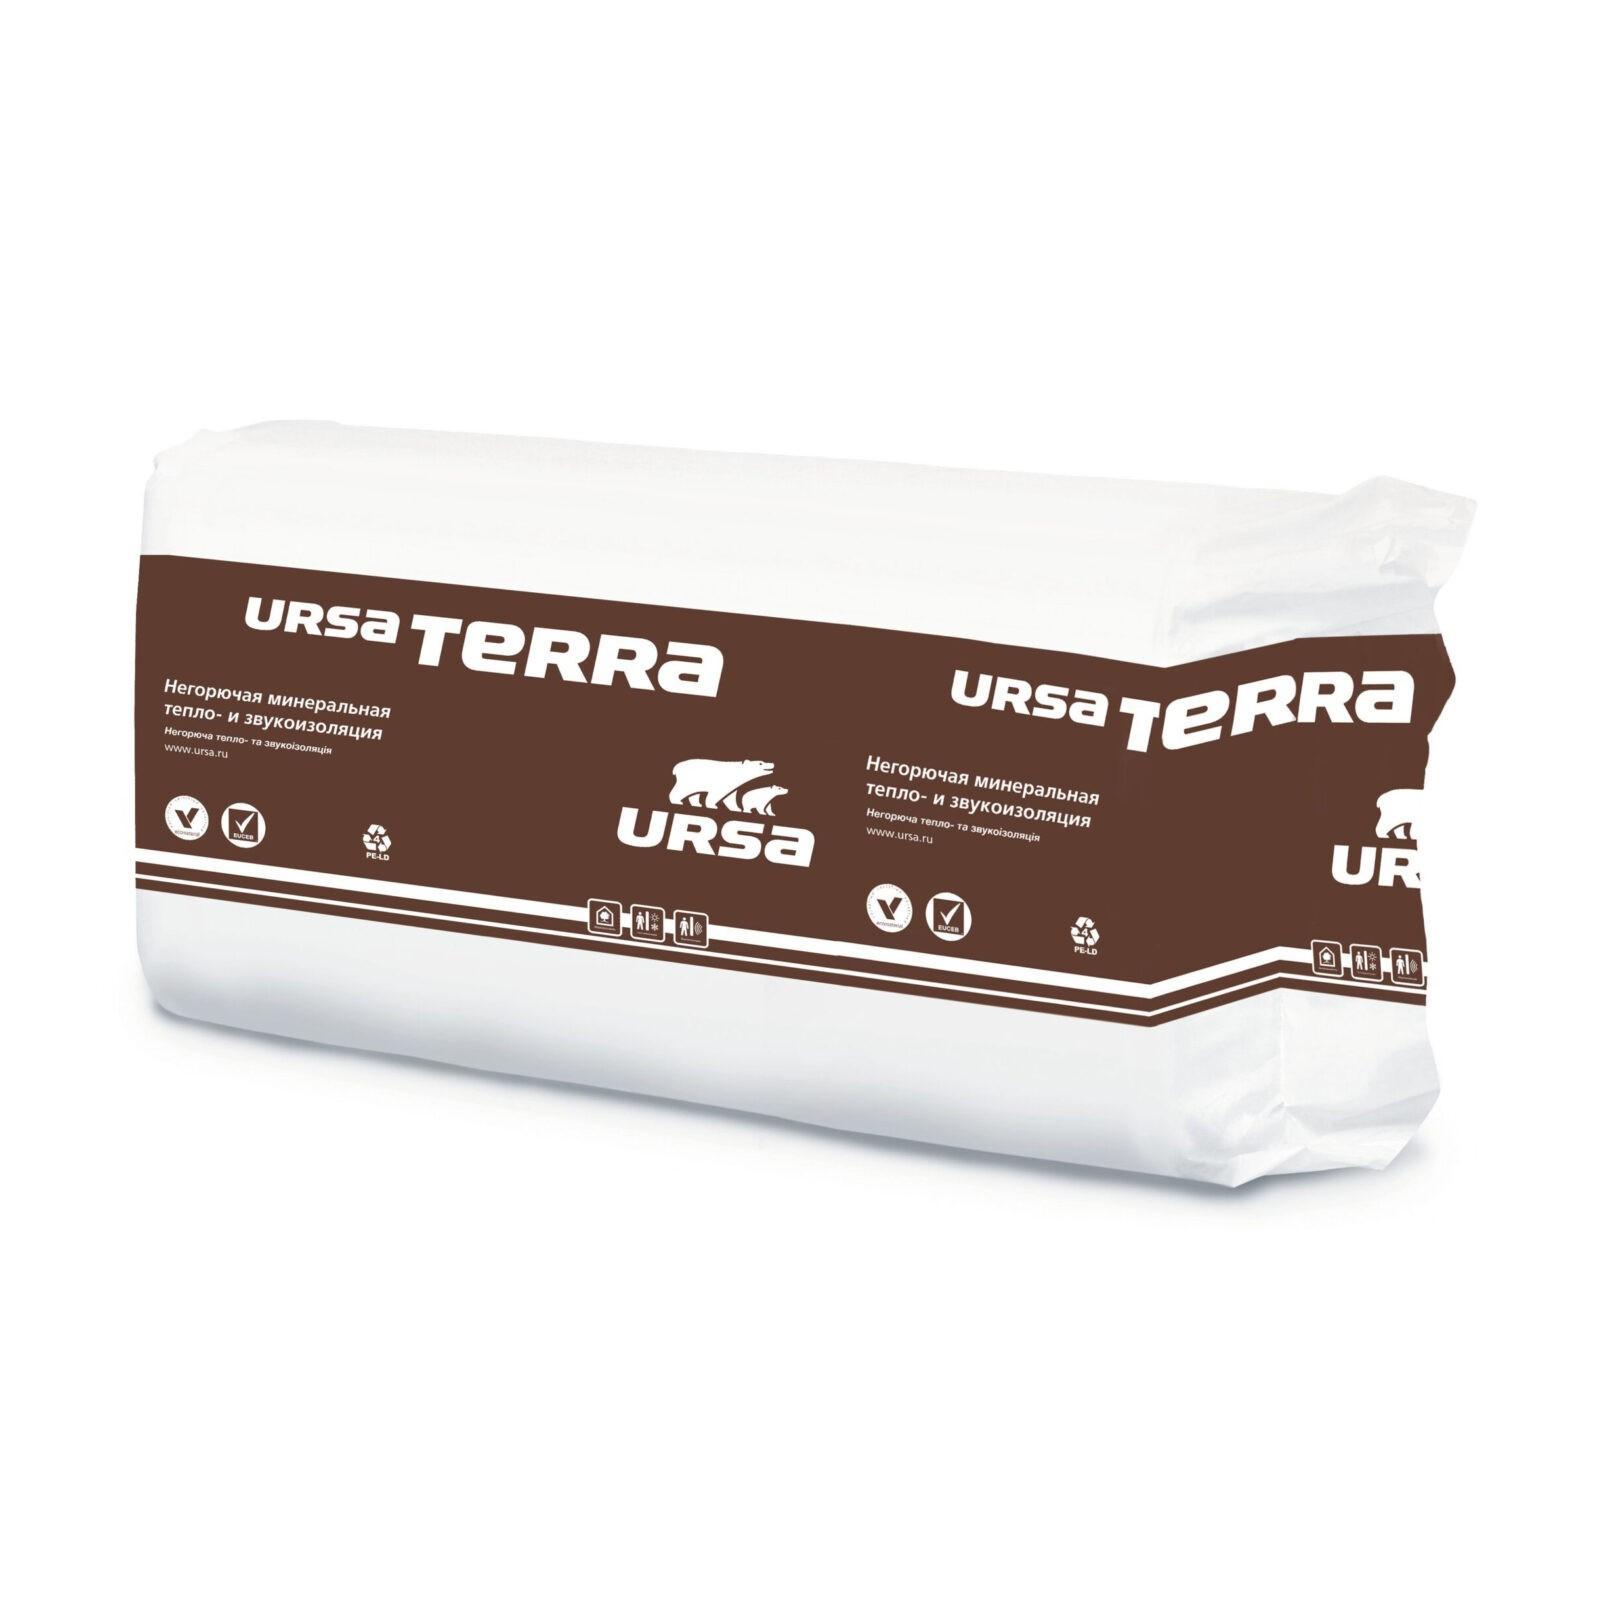 Минеральная изоляция URSA TERRA 37PN 1250-610-50 (15,25 м2/0,7625м.куб)